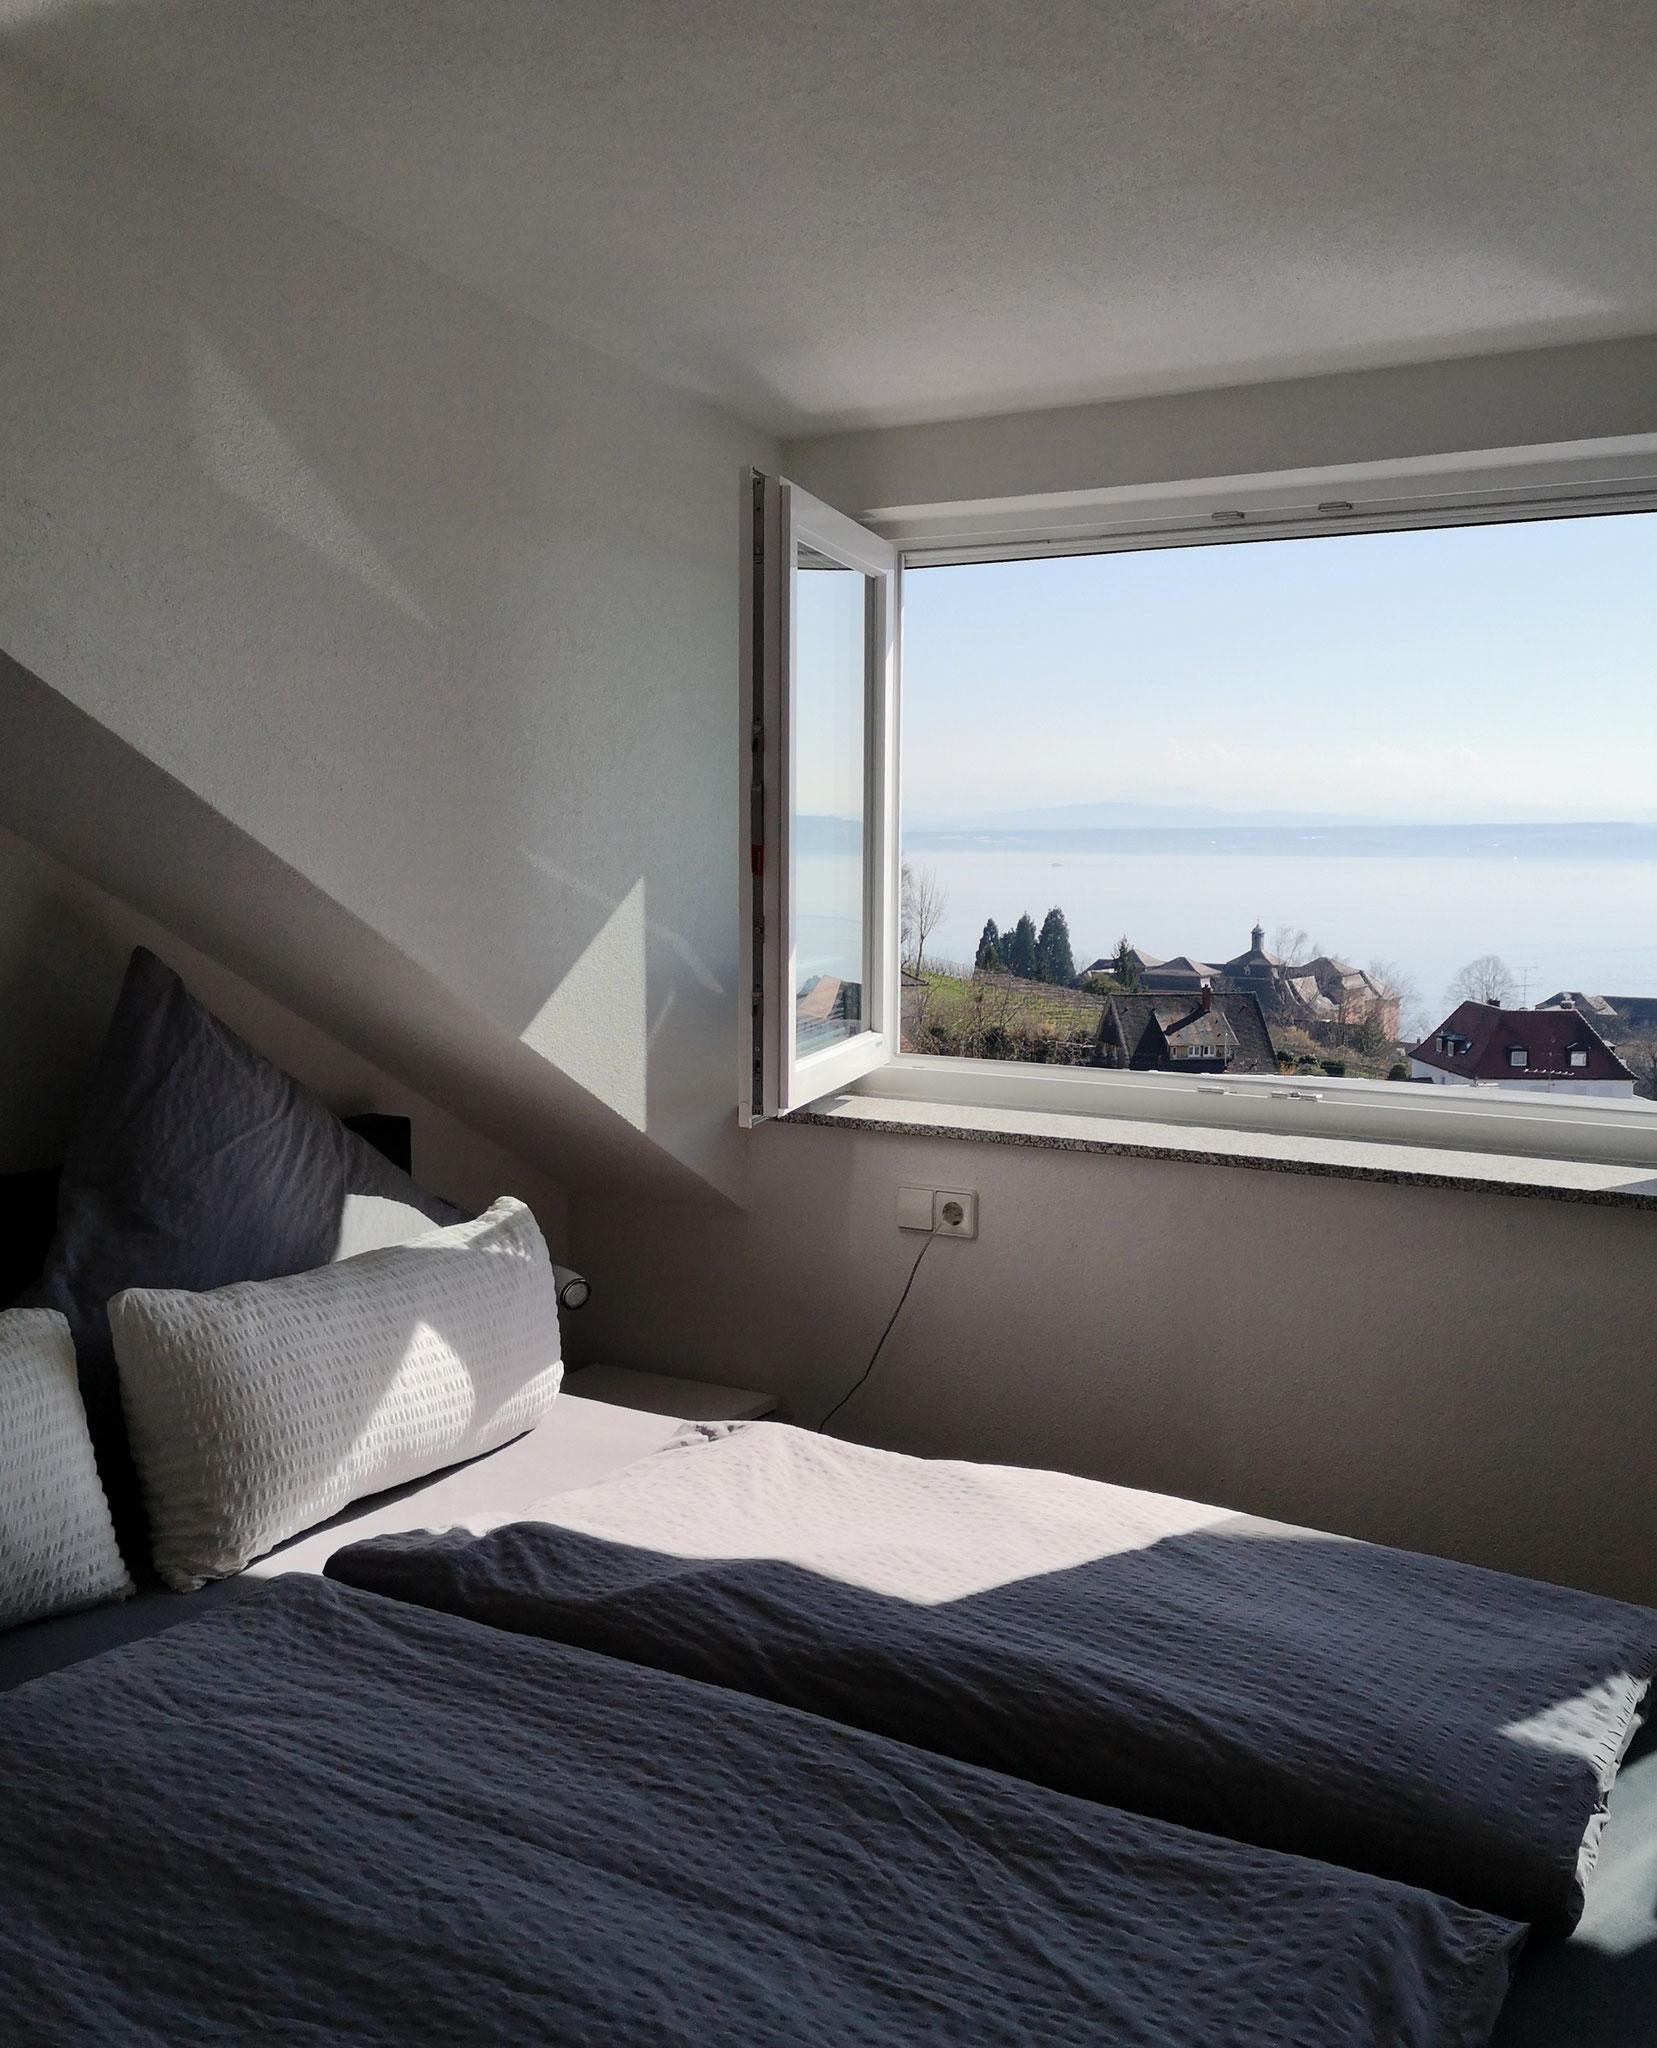 Schlafplatz mit Seeblick